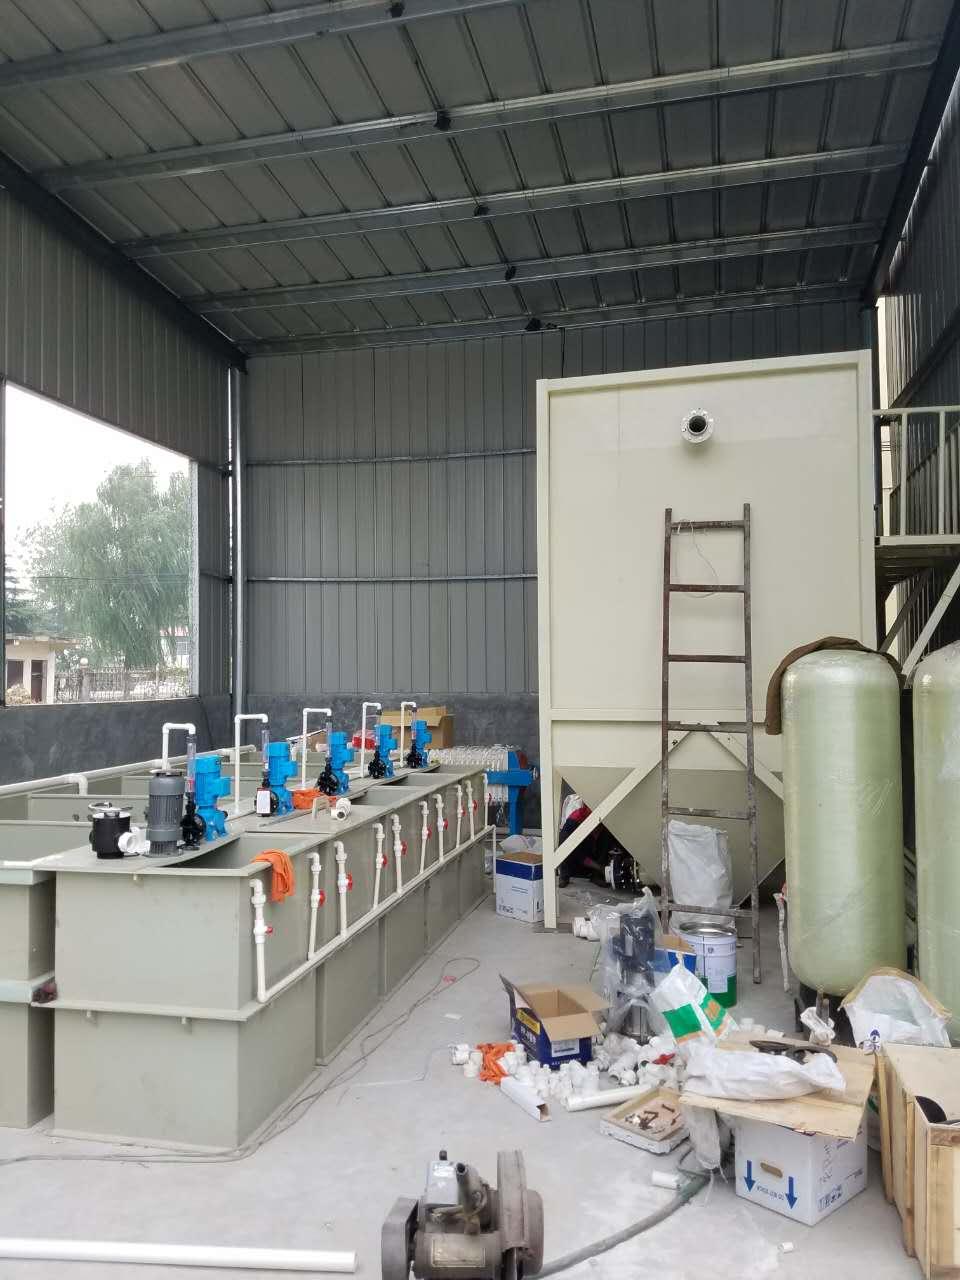 優質環保設備——浩辰環保科技物超所值的污水處理設備出售